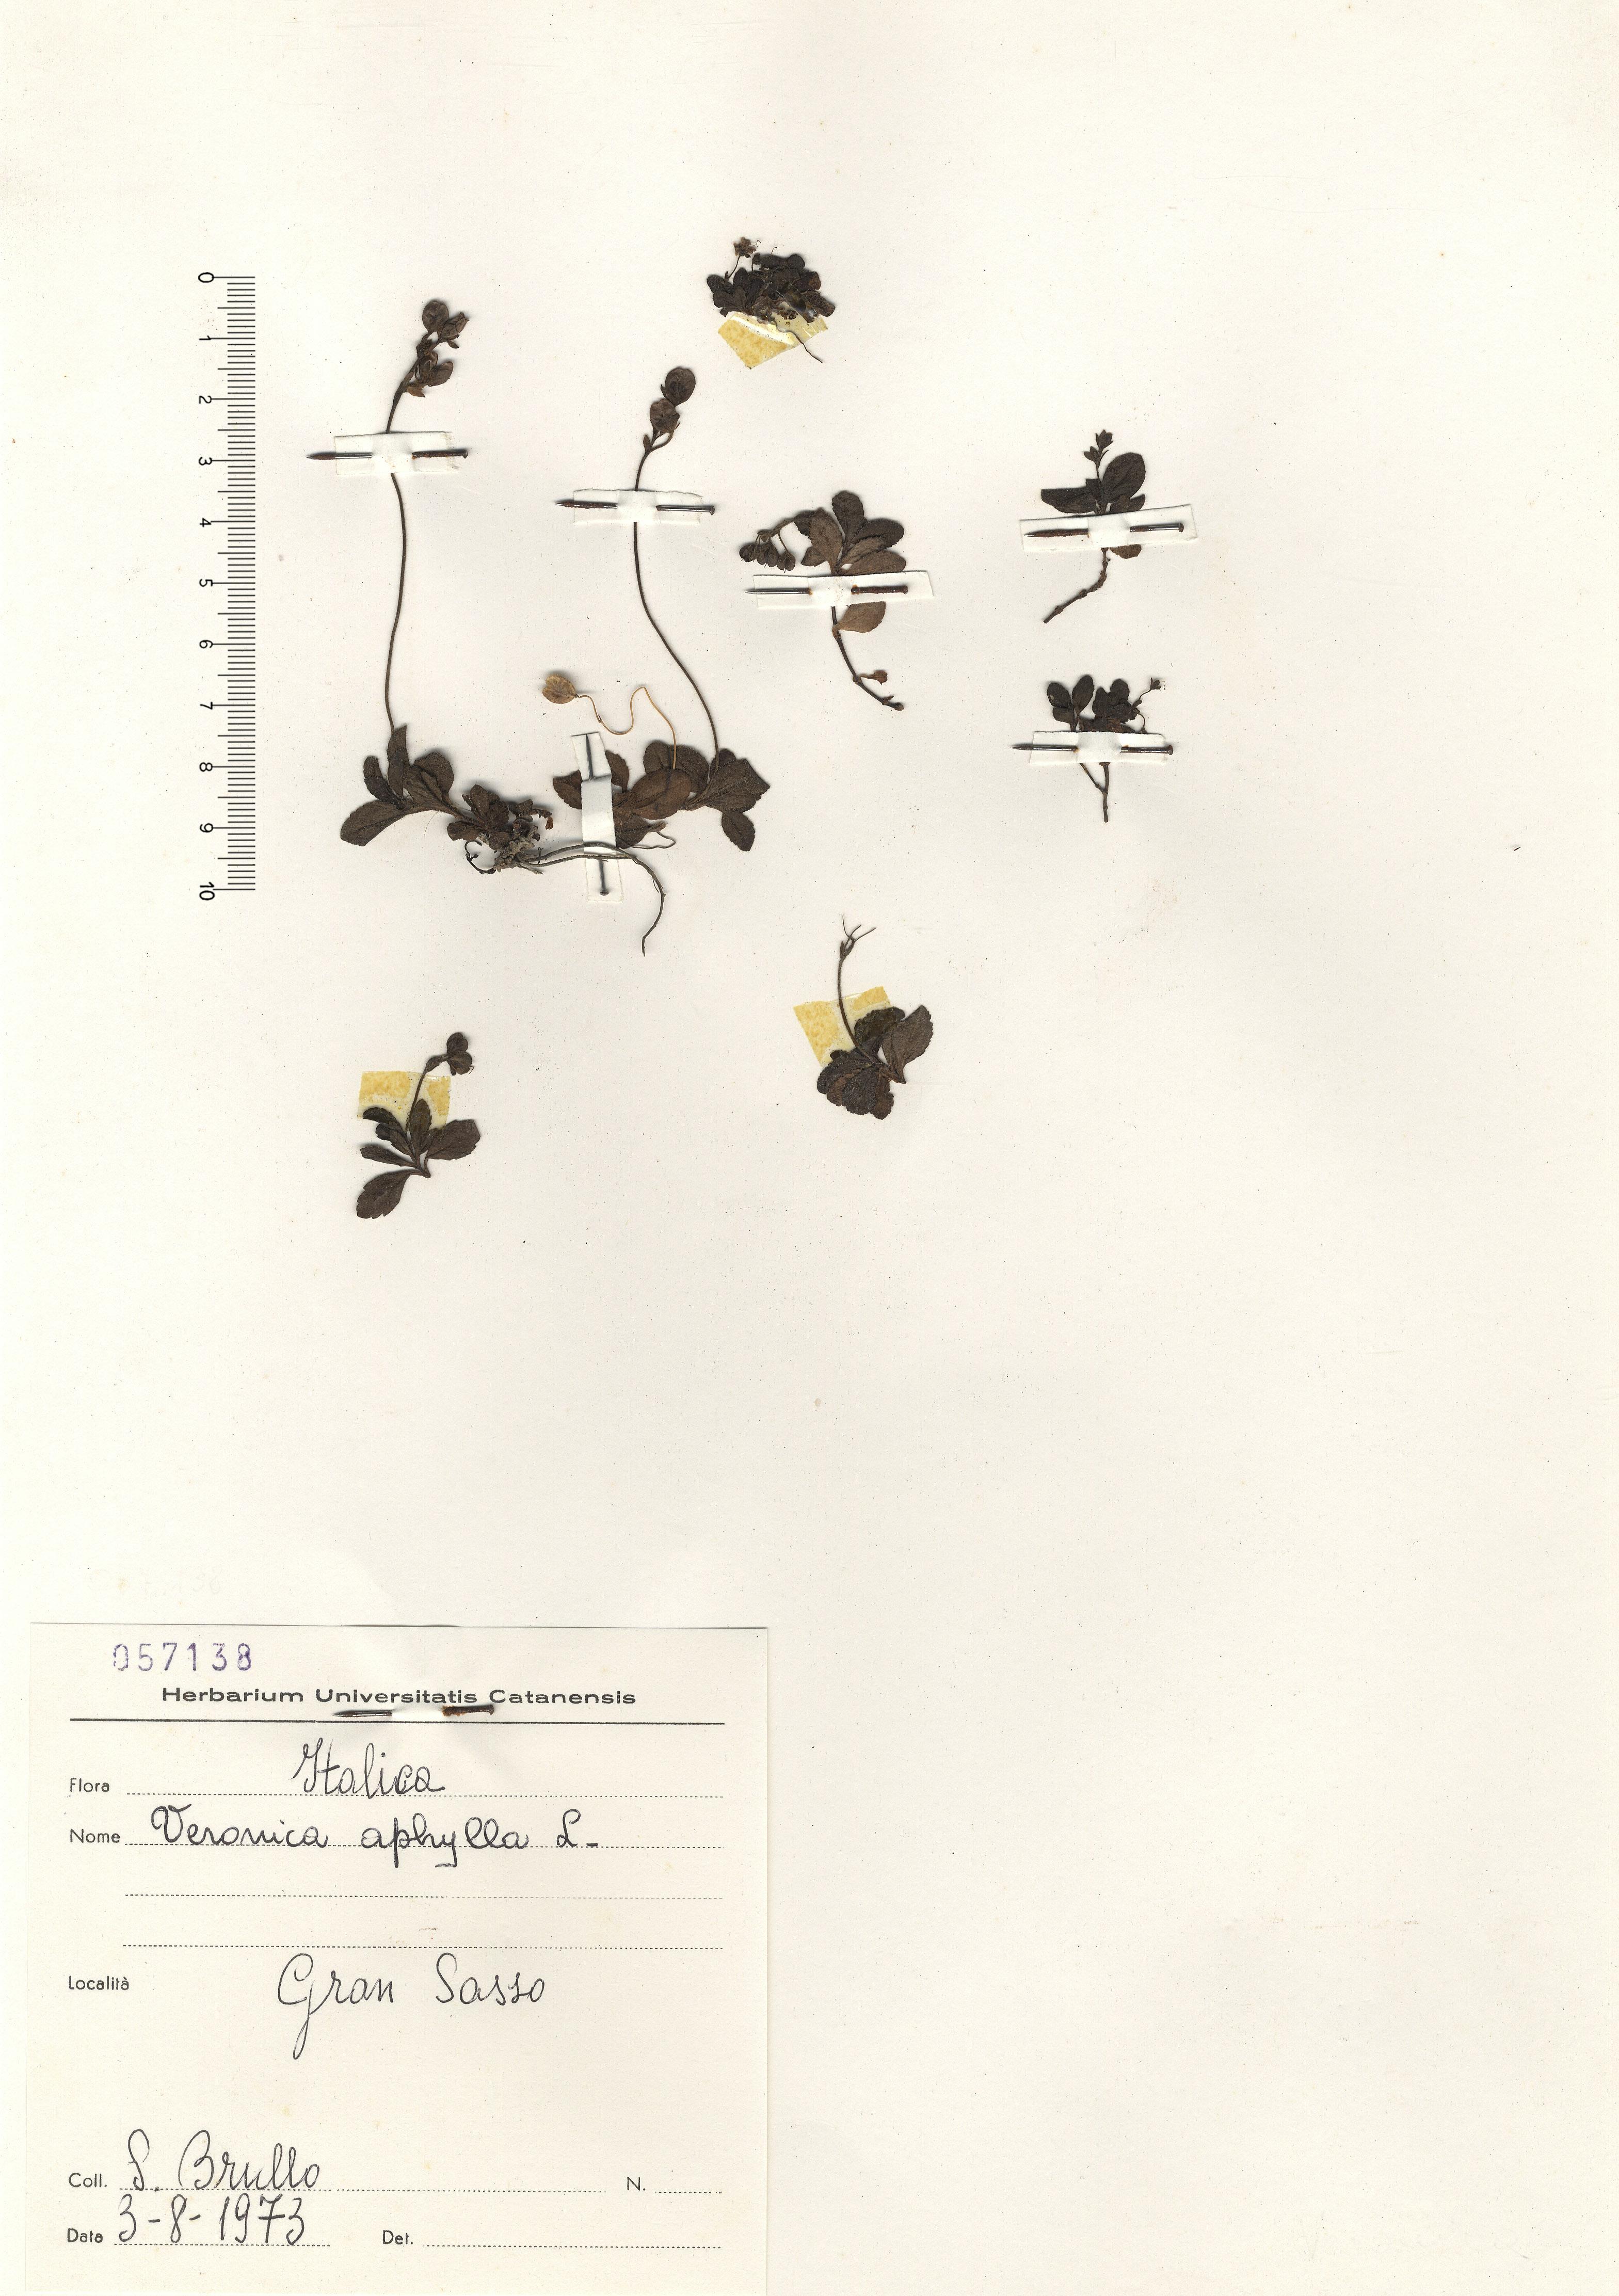 © Hortus  Botanicus Catinensis - Herb. sheet 057138<br>